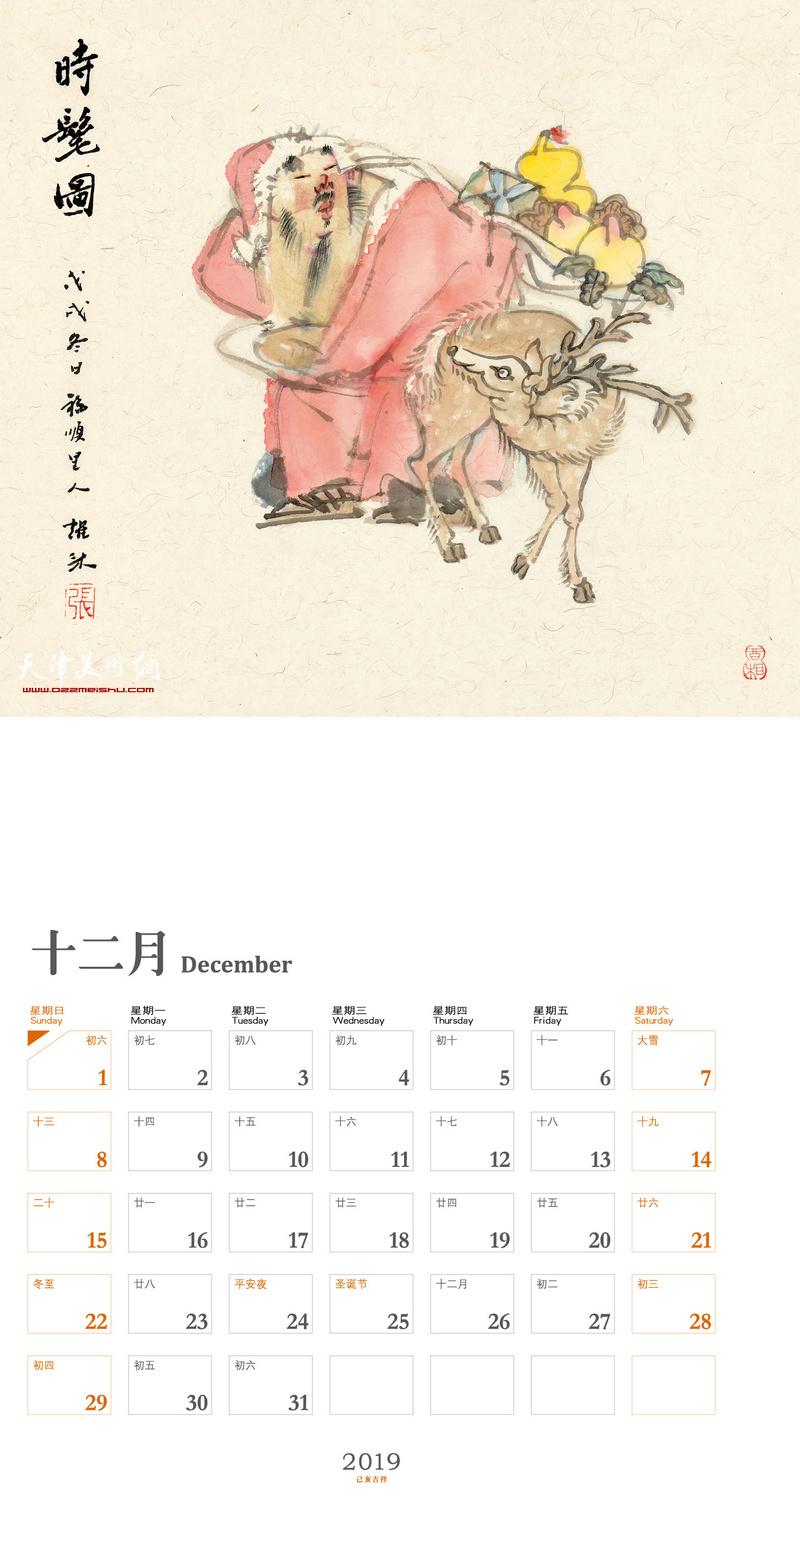 2019己亥吉祥 十二月 张耀来作品:时髦图